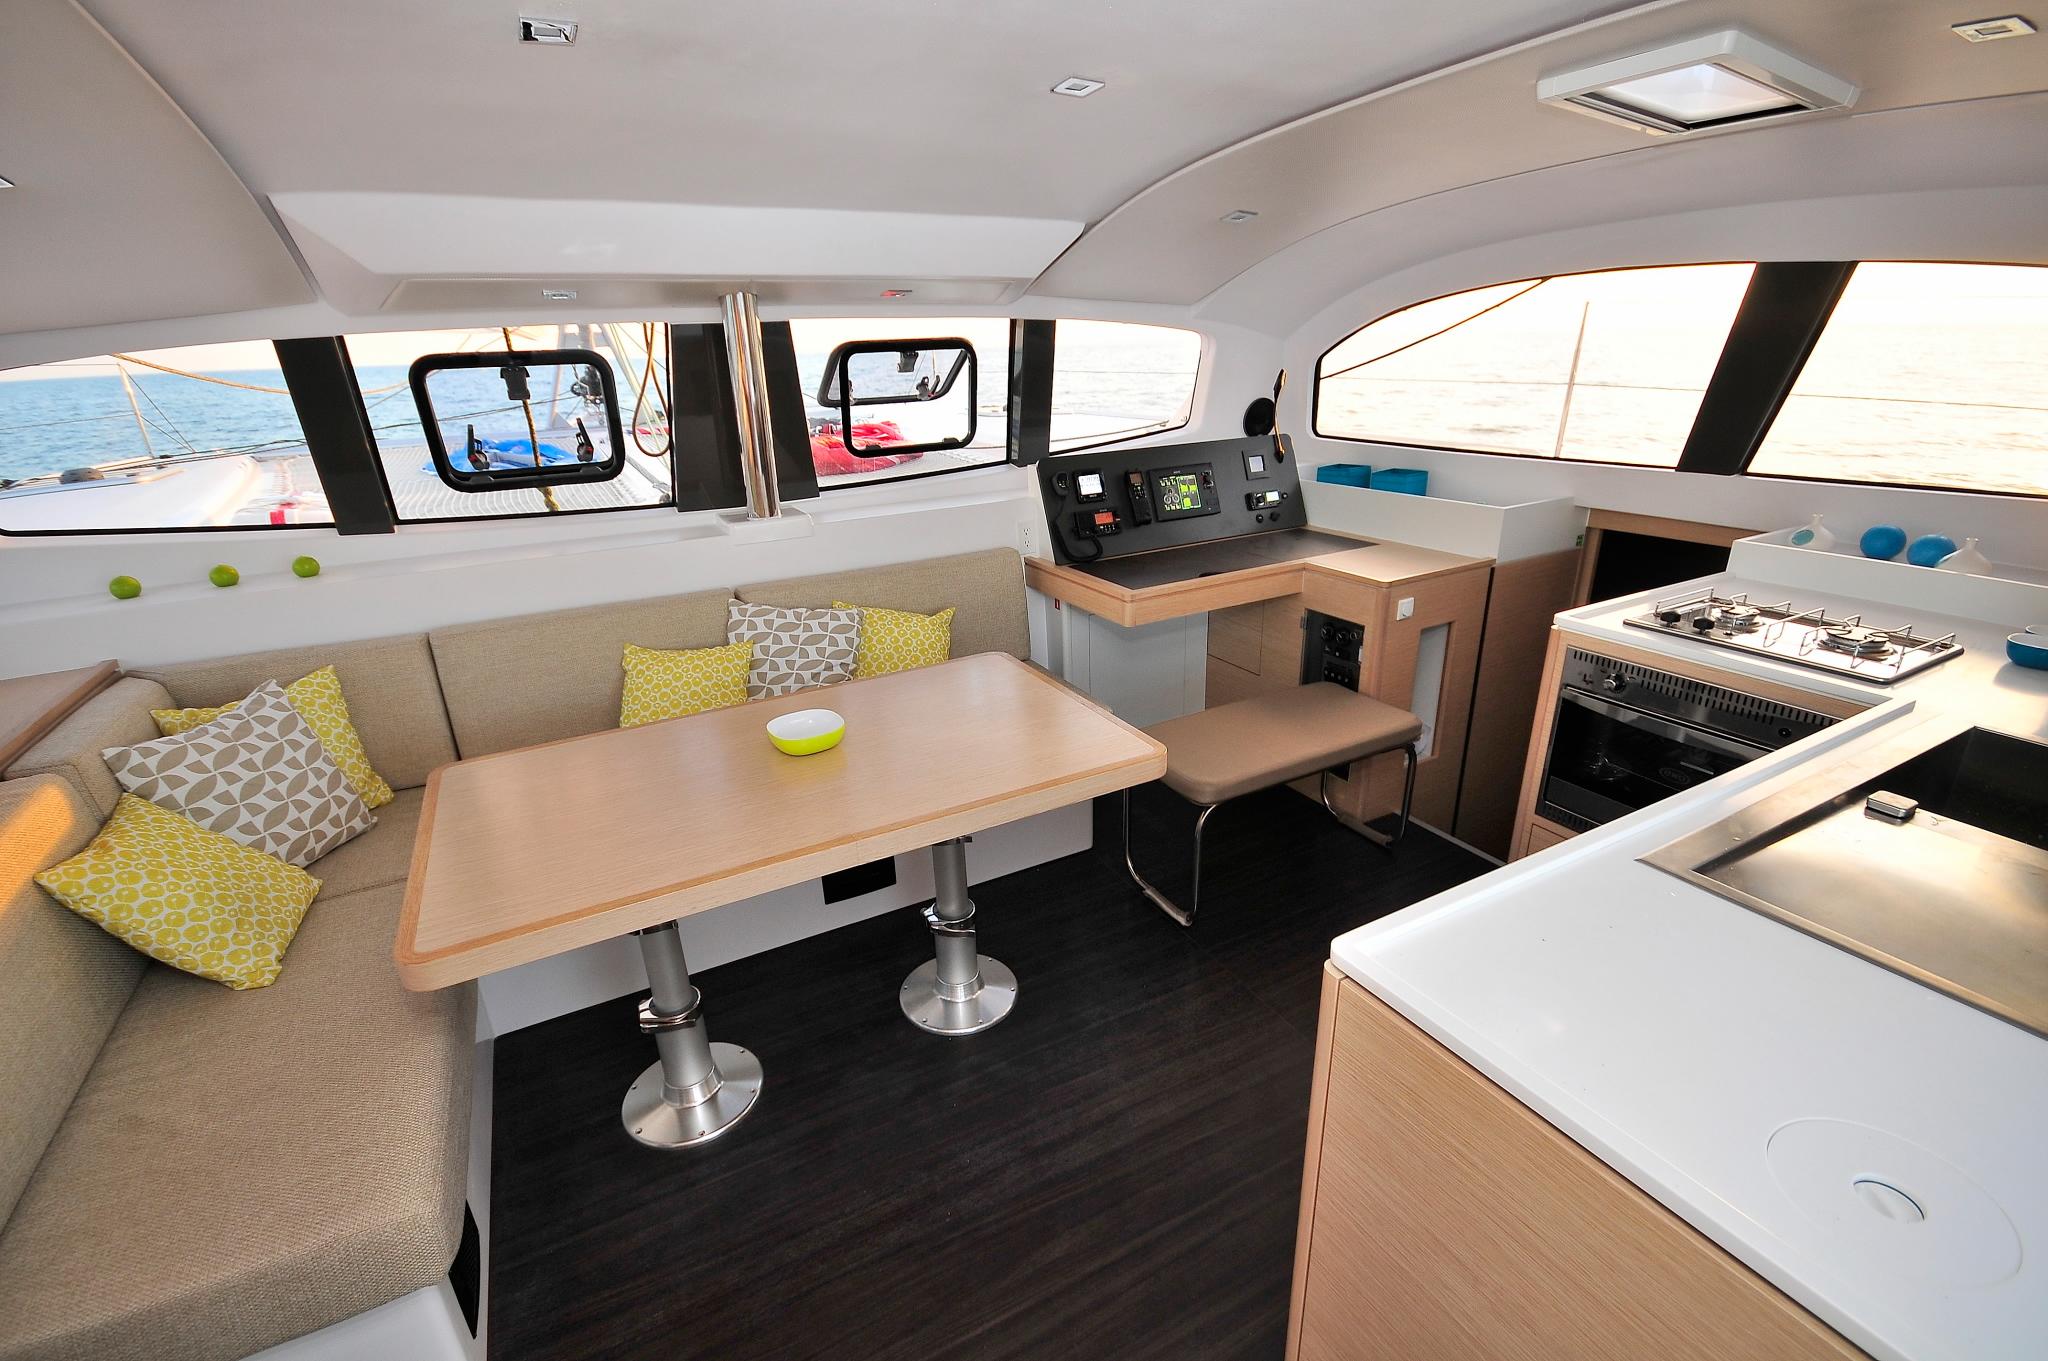 Outremer 45 catamaran interior seating.jpg